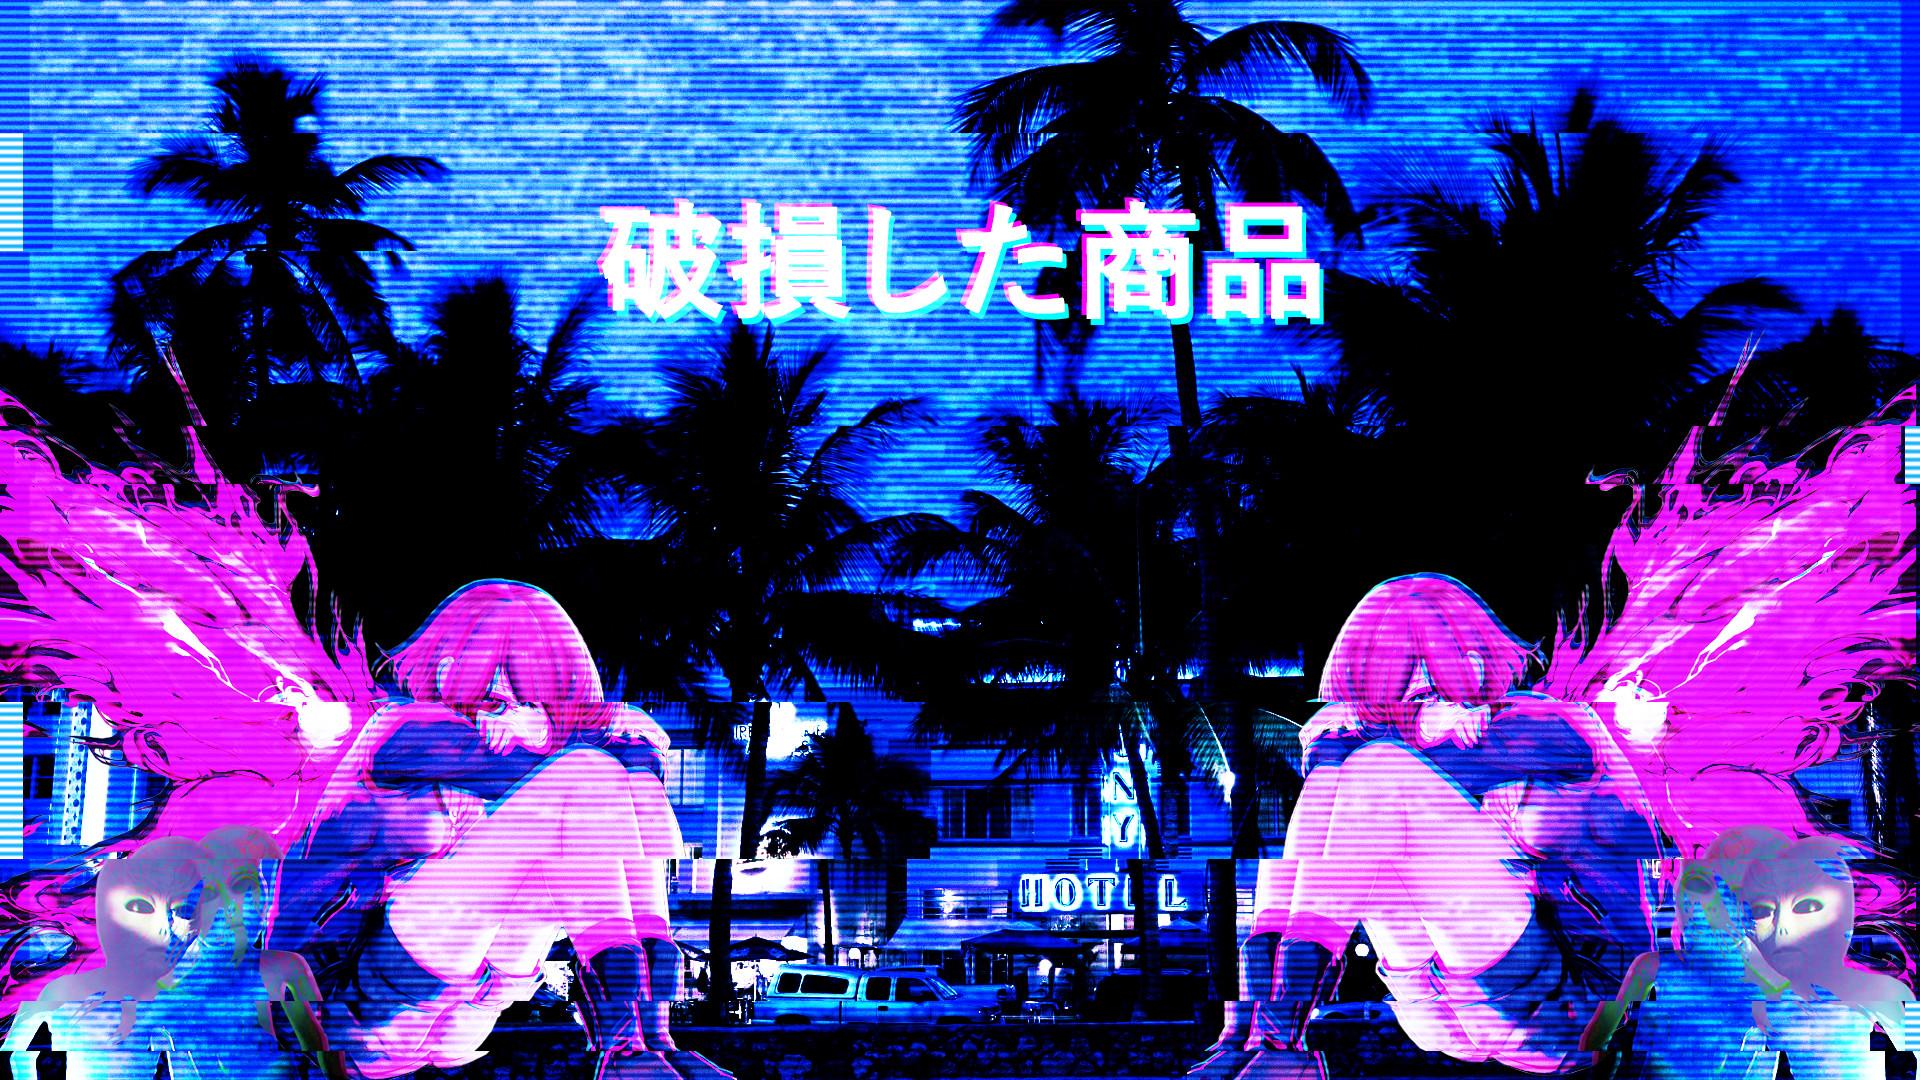 aesthetics desktop wallpapers